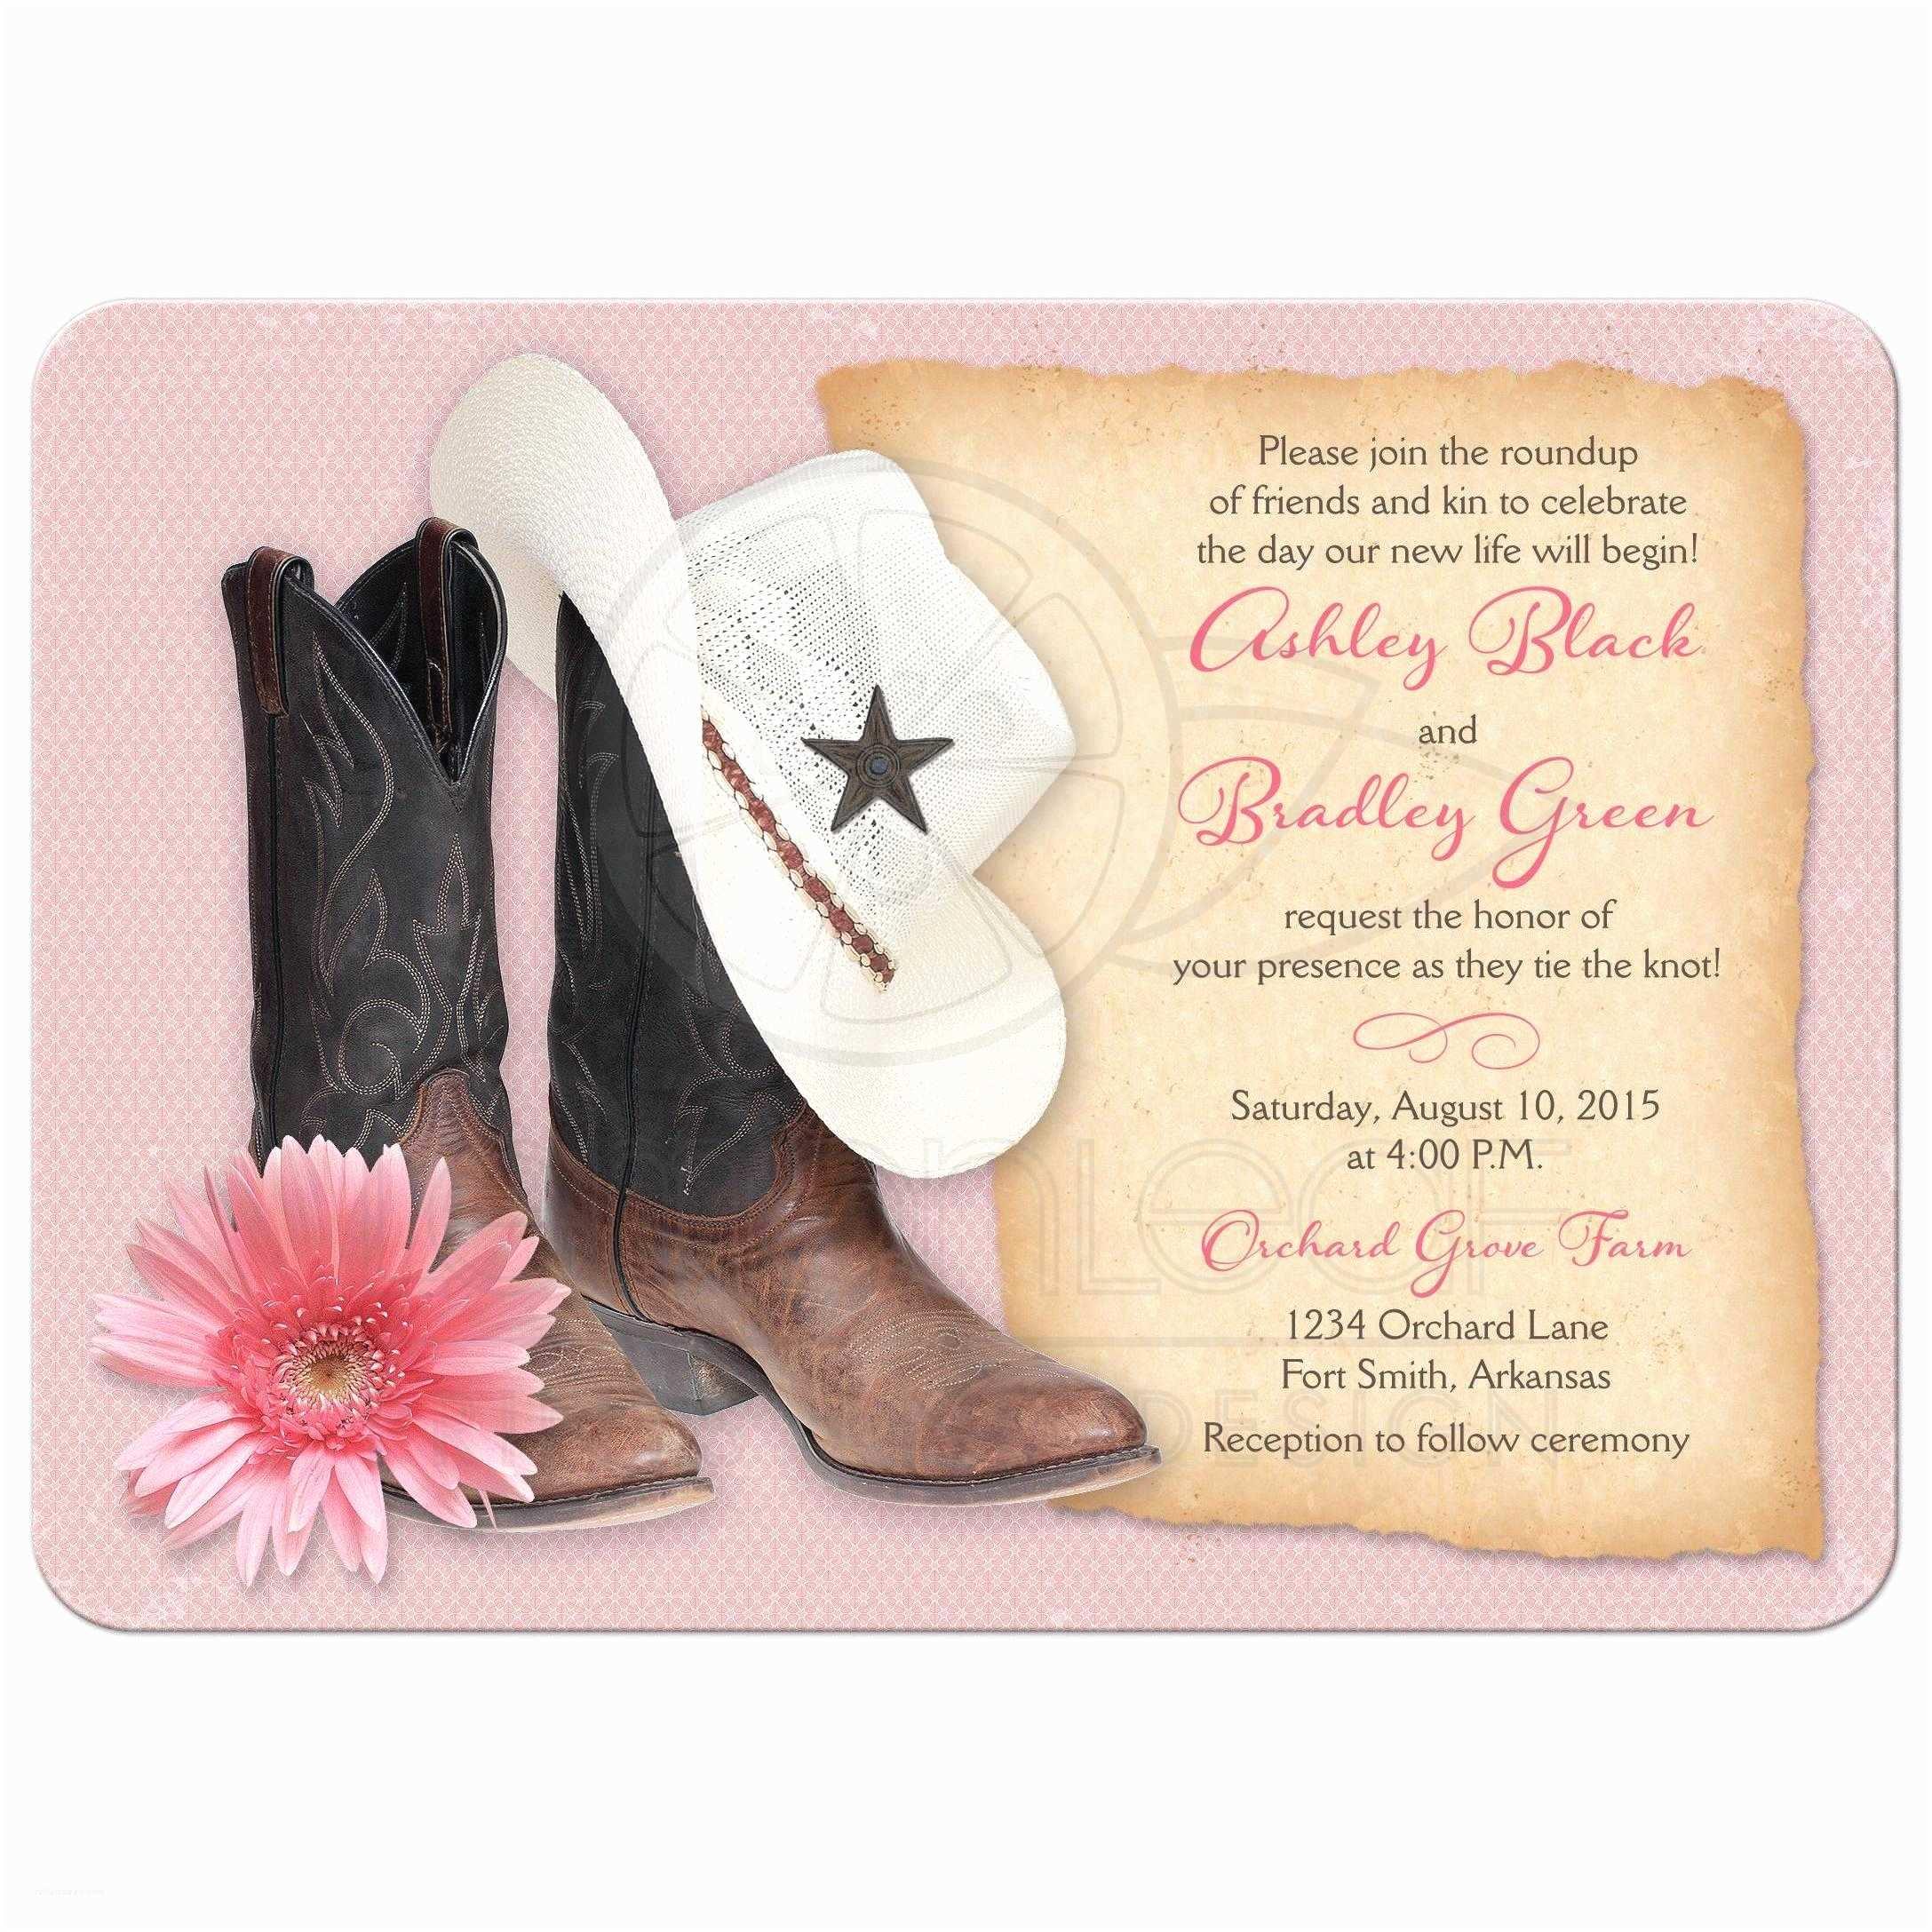 Cowboy Boot Wedding Invitations Western Wedding Invitations Cowboy Boots Hat Pink Daisy